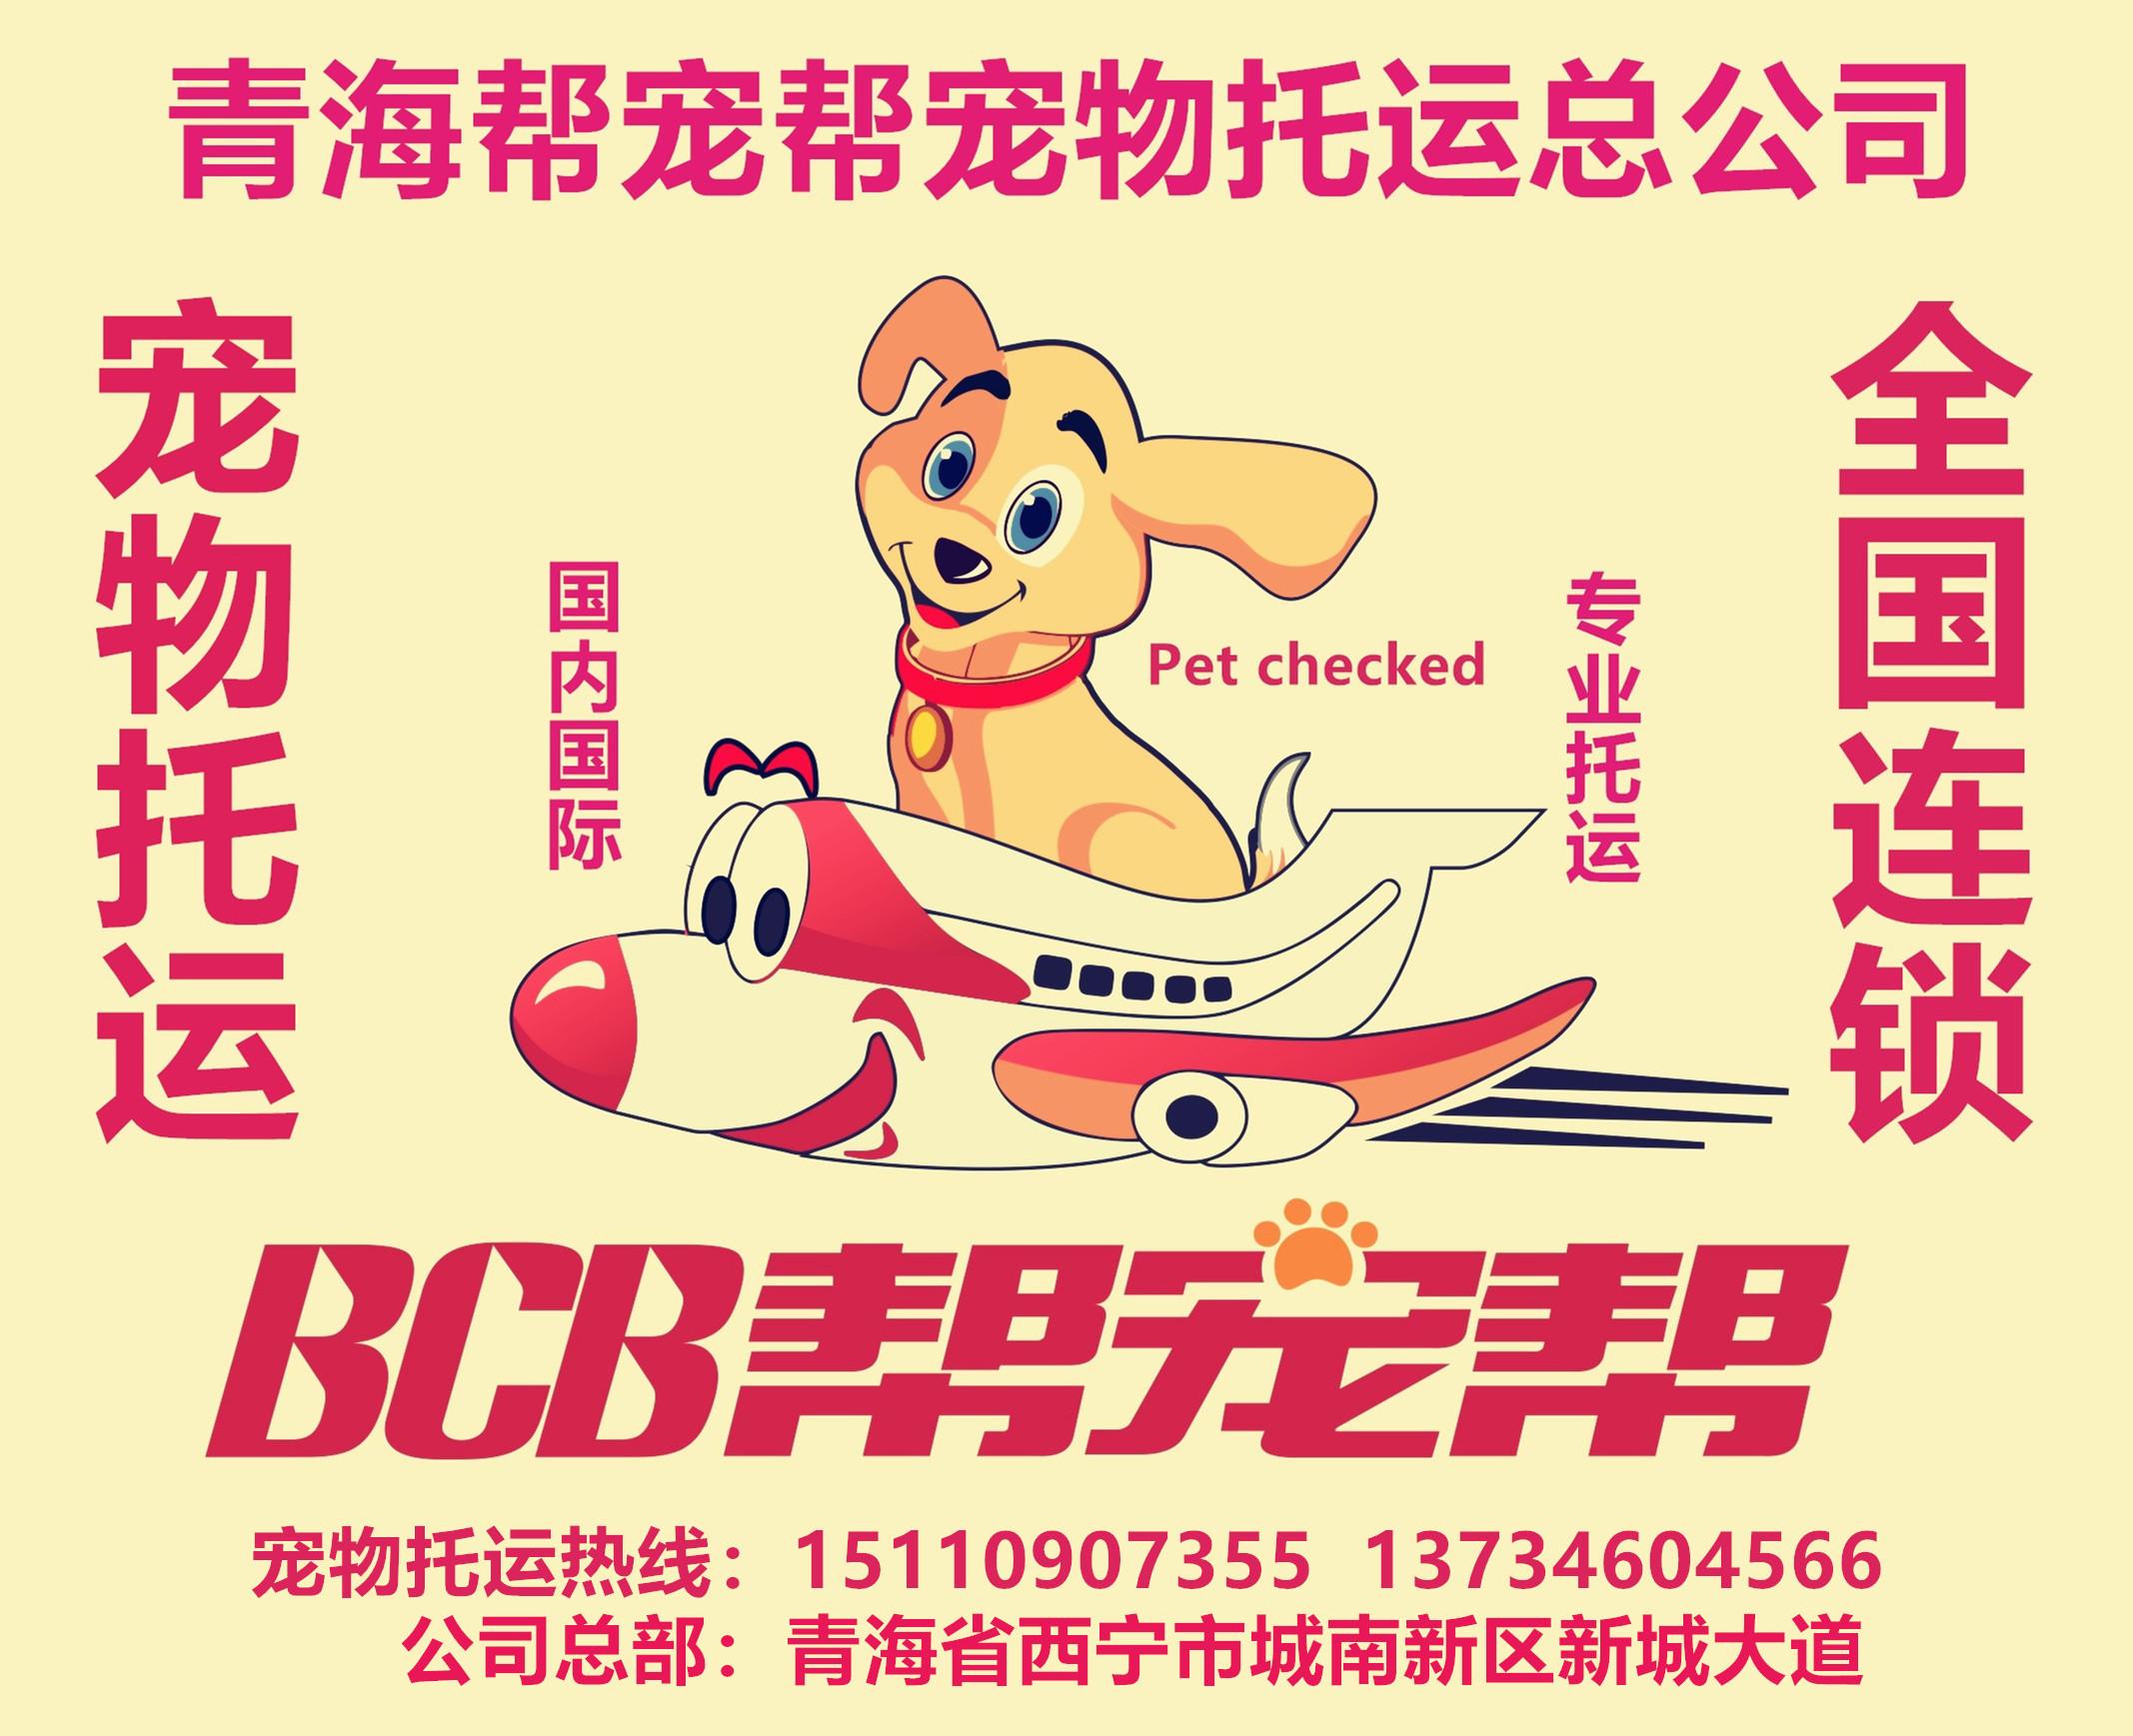 西宁猫狗宠物托运最早的是谁?西宁帮宠帮宠物托运公司